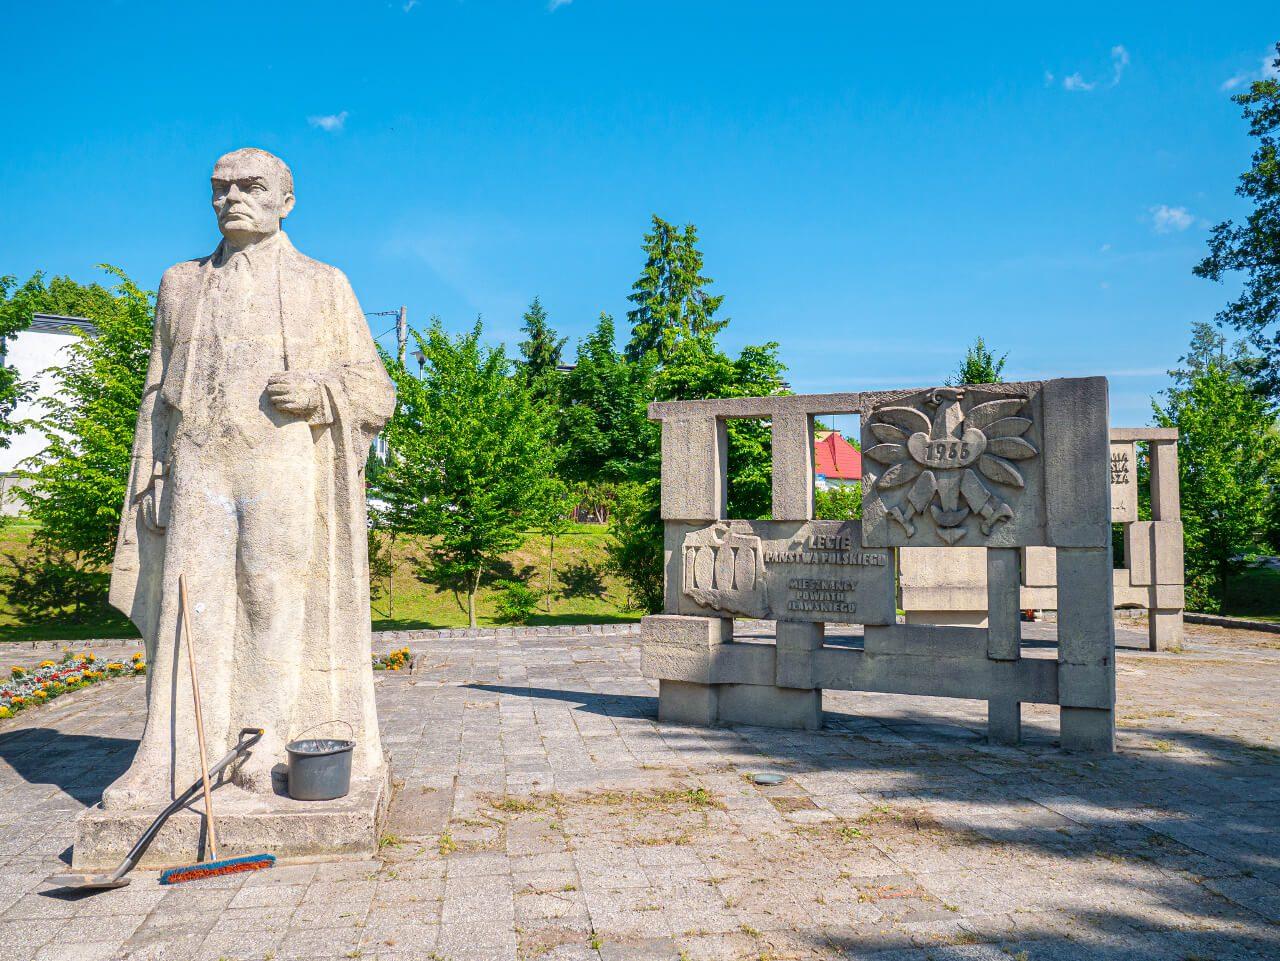 Pomniki park żeromek